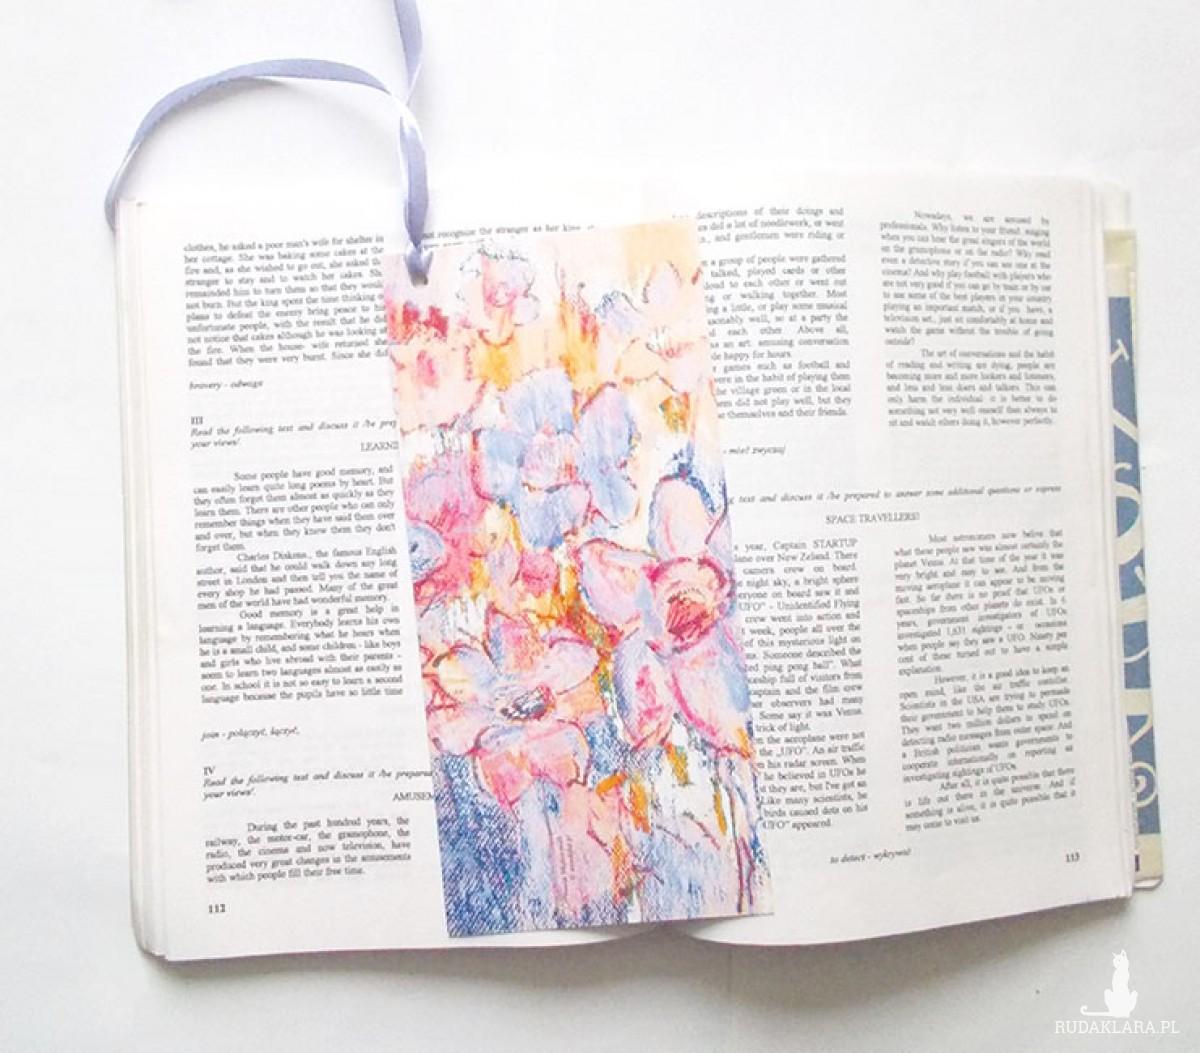 kolorowe zakładki, ładne zakładki, fajne zakładki do książki, zestaw 5 zakładek, prezenty dla gości, prezenciki, upominki